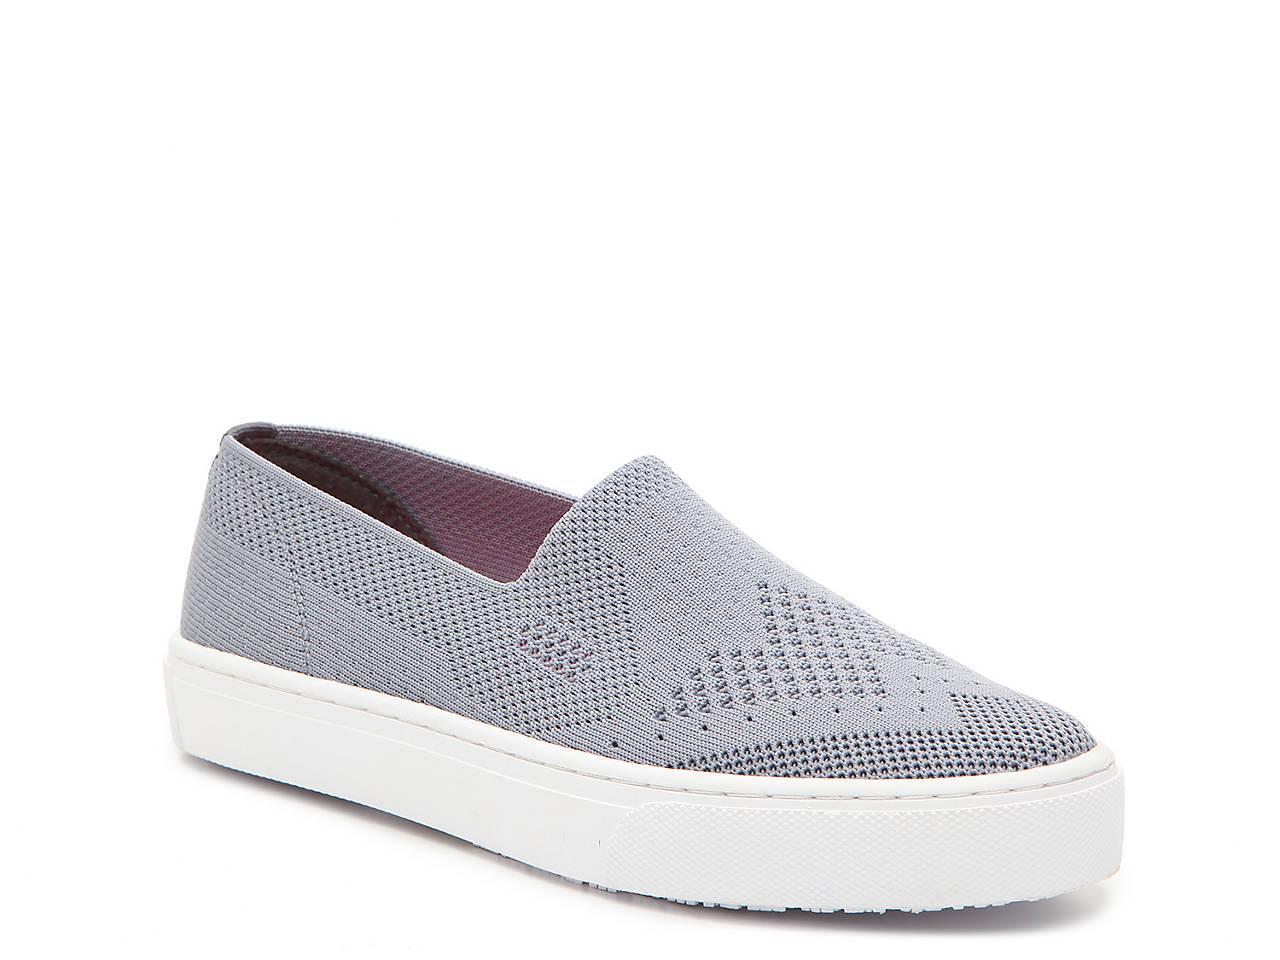 d07537d4fed27 Laforst Jazz Slip-On Work Sneaker Women's Shoes | DSW